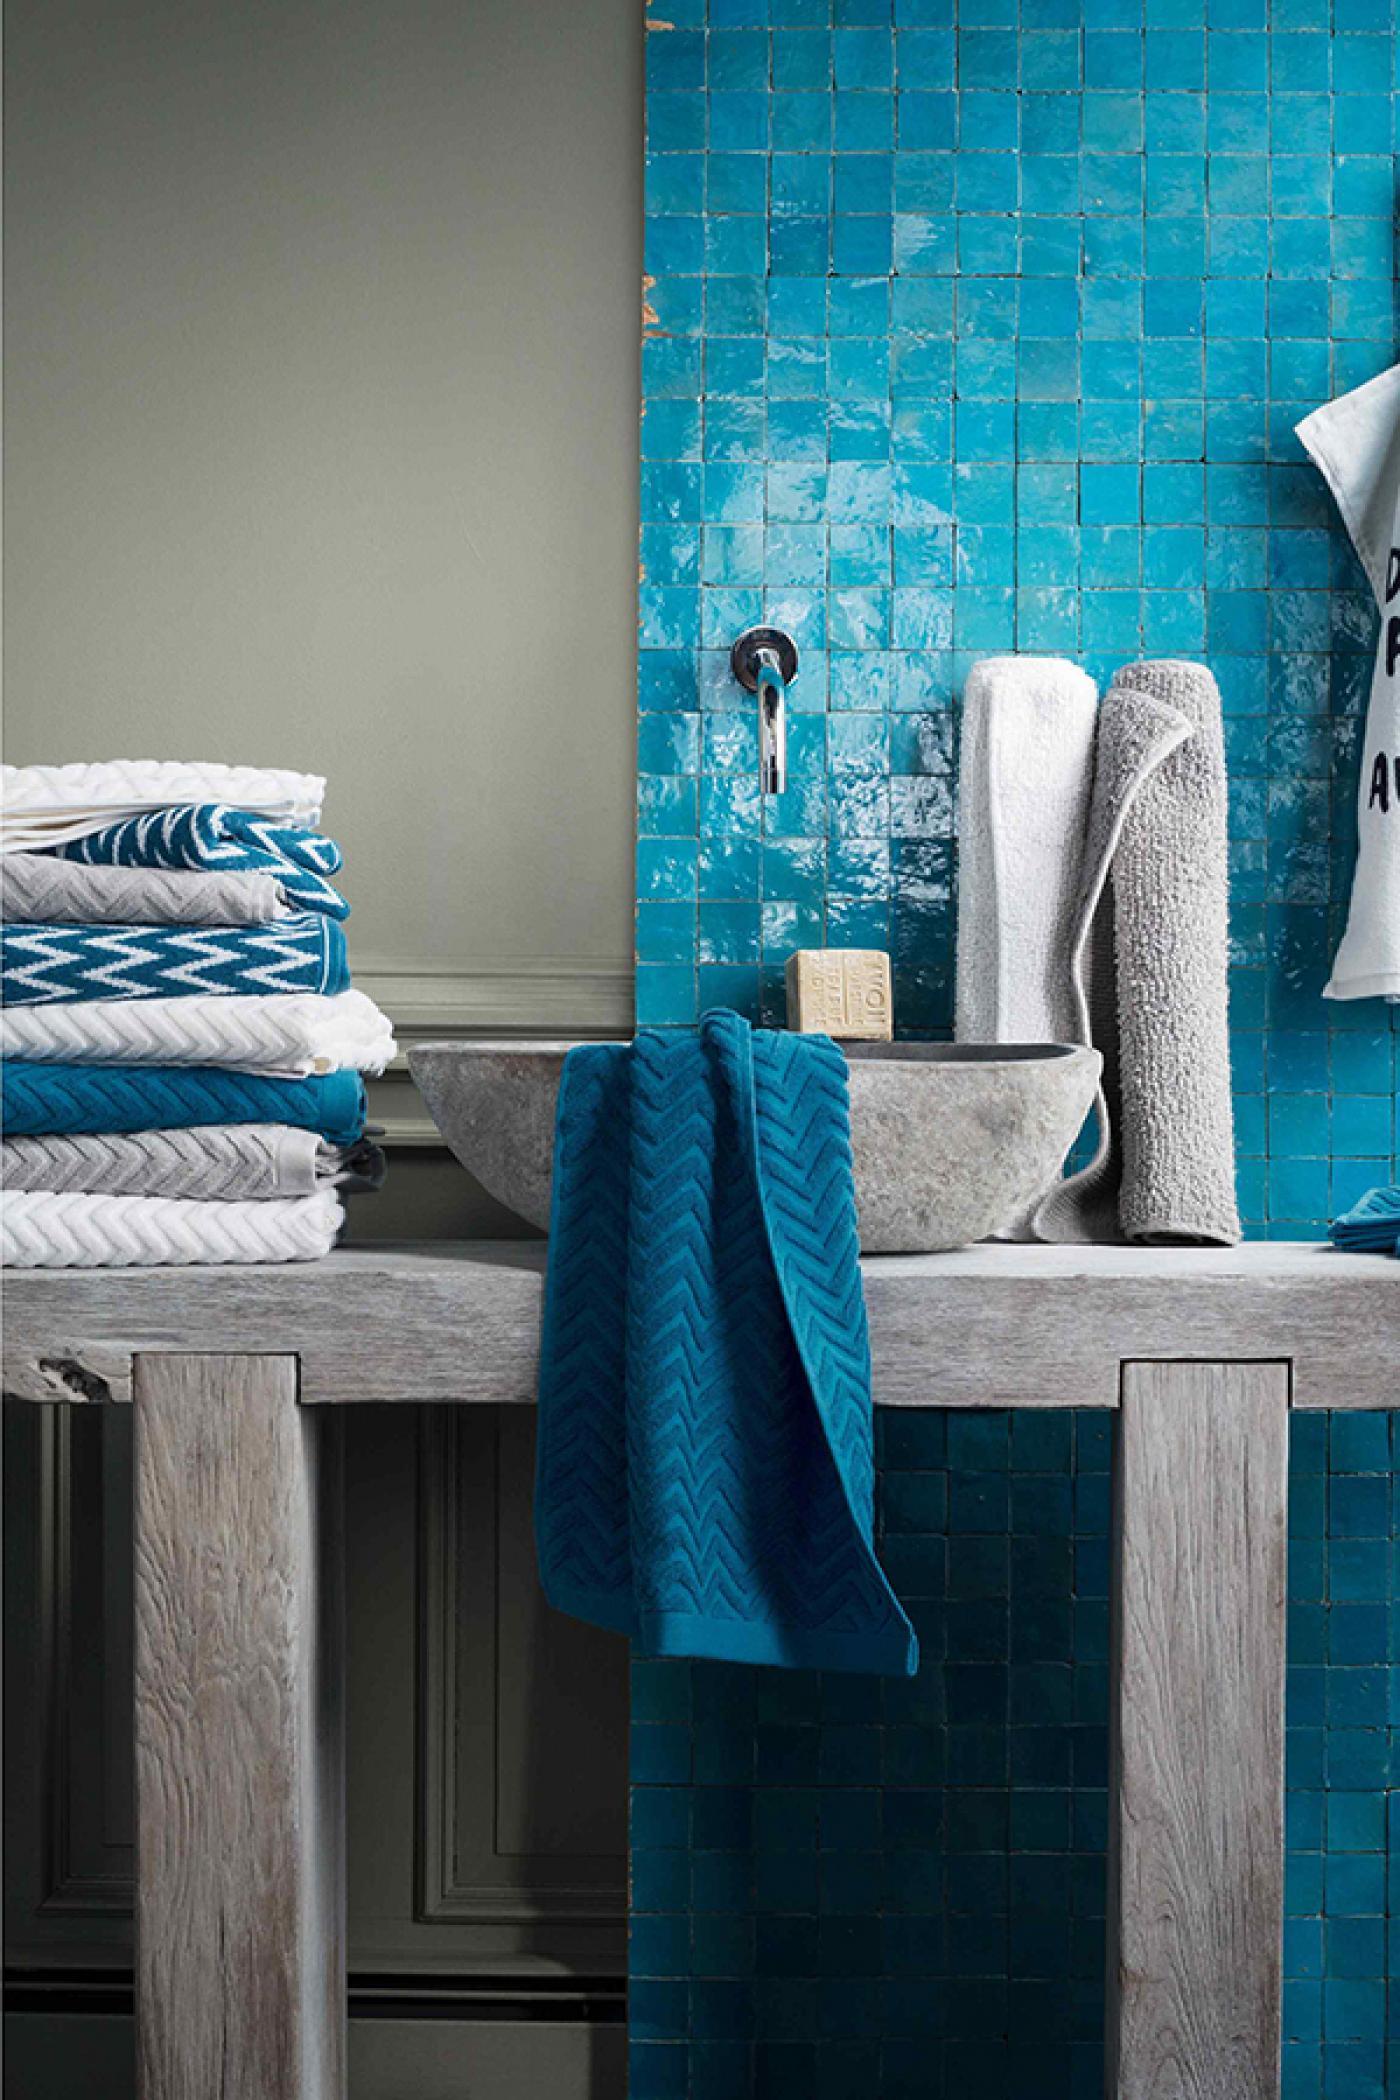 A klasszikusan elegáns fürdőszoba: kék és fehér - Lakáskultúra magazin